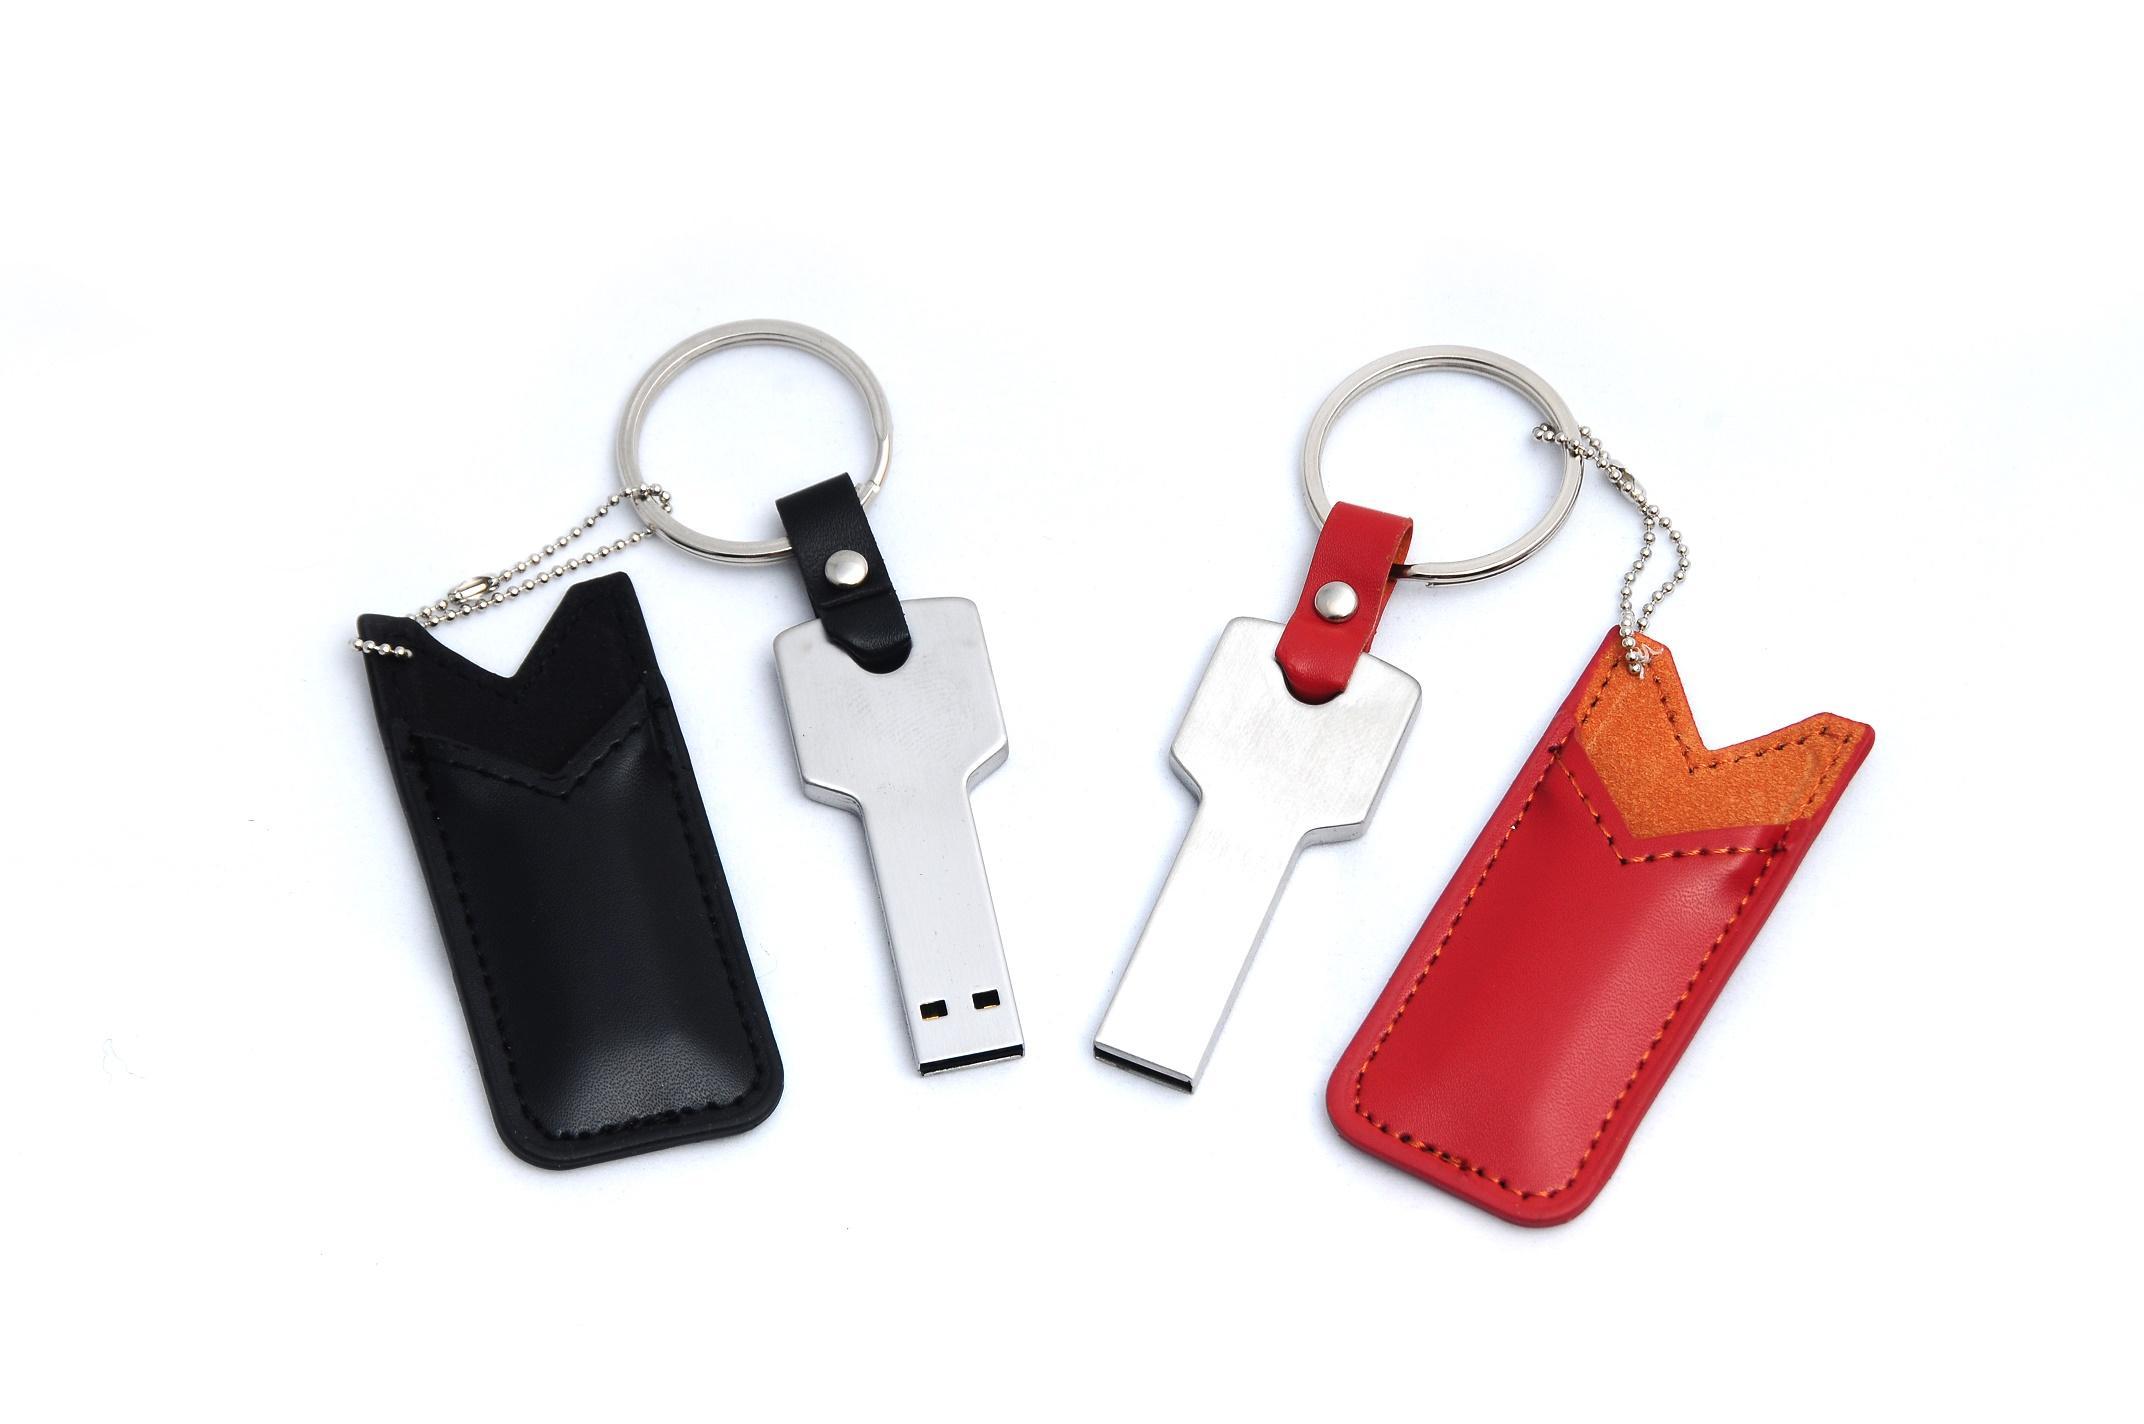 فلش مموری (کلیدی با کیف چرم)